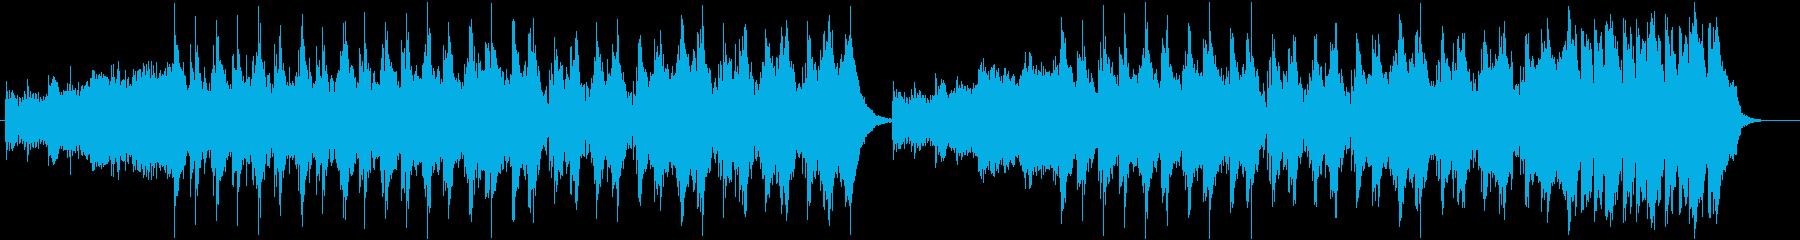 緊張感/ストリングス/ビート の再生済みの波形